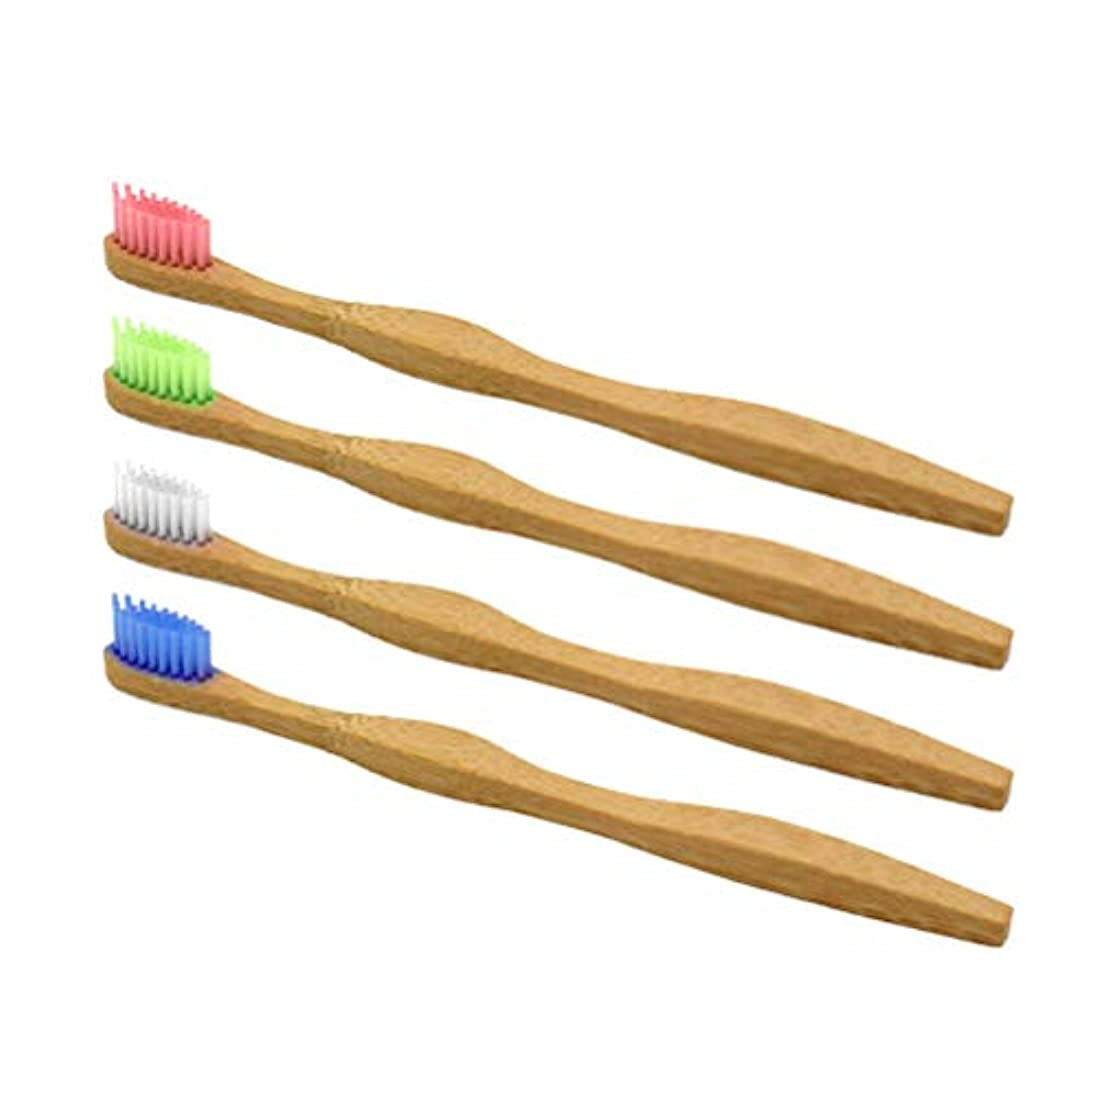 注入変成器ながらHealifty 家庭用およびトラベル用4本(白、青、ピンク、緑)用歯ブラシ竹製歯ブラシ